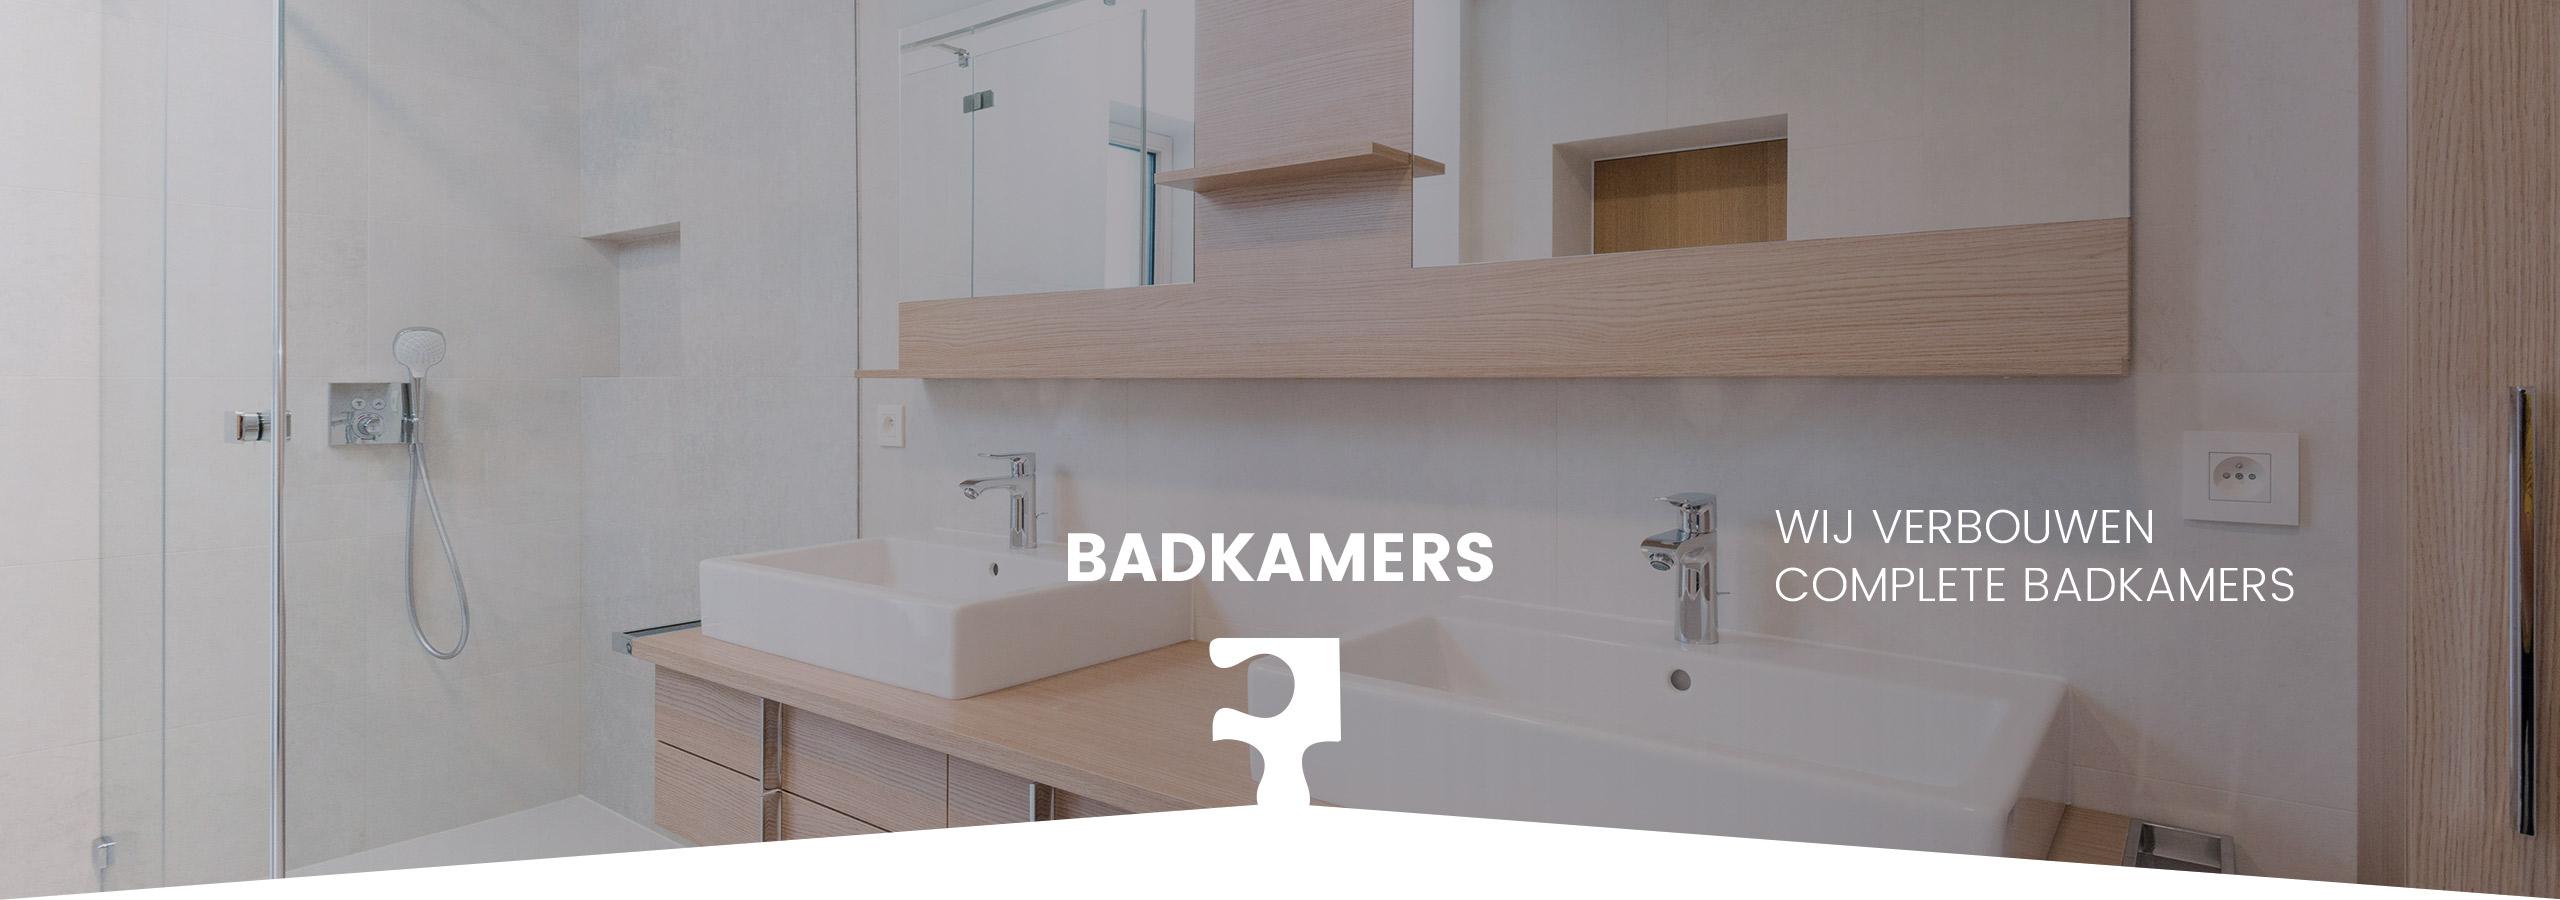 Badkamer verbouwen door de installateur uit Lochem